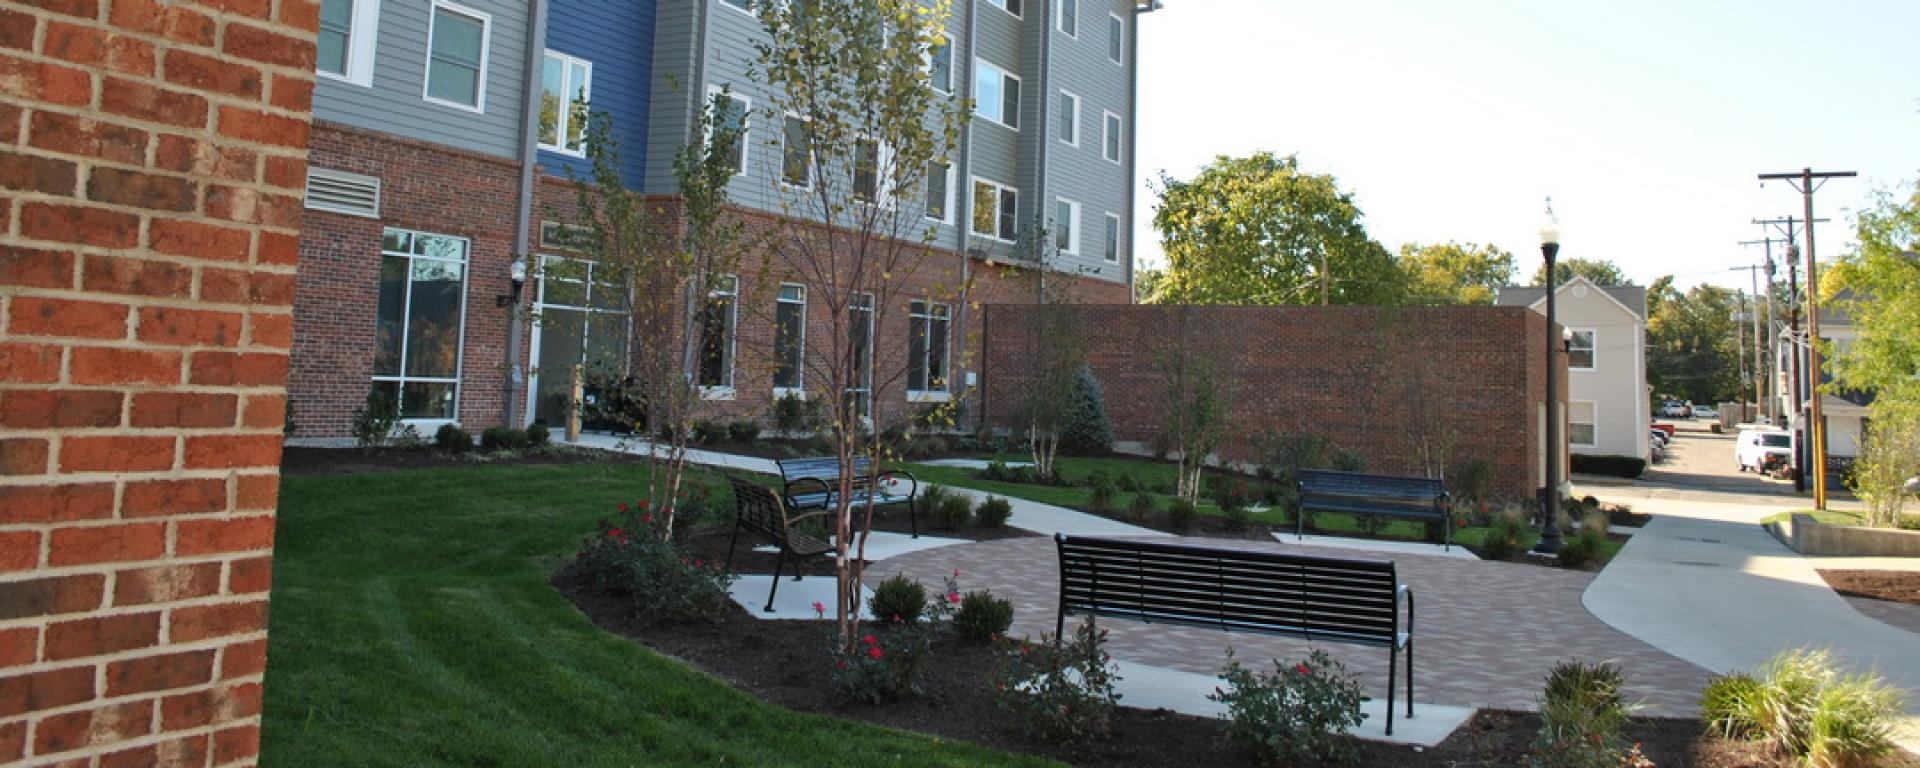 University of Dayton Adele Center